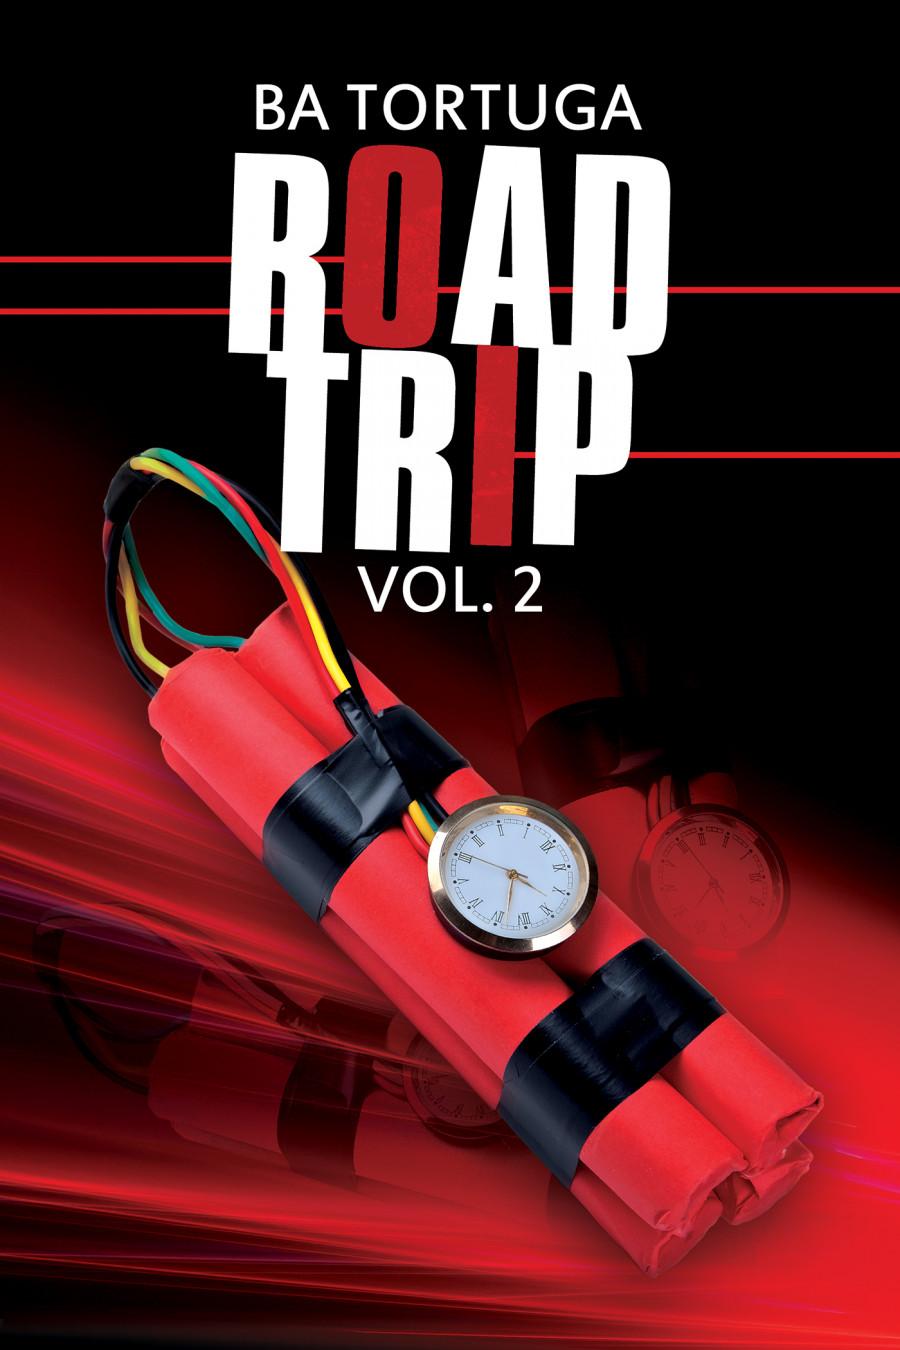 Road Trip Vol. 2